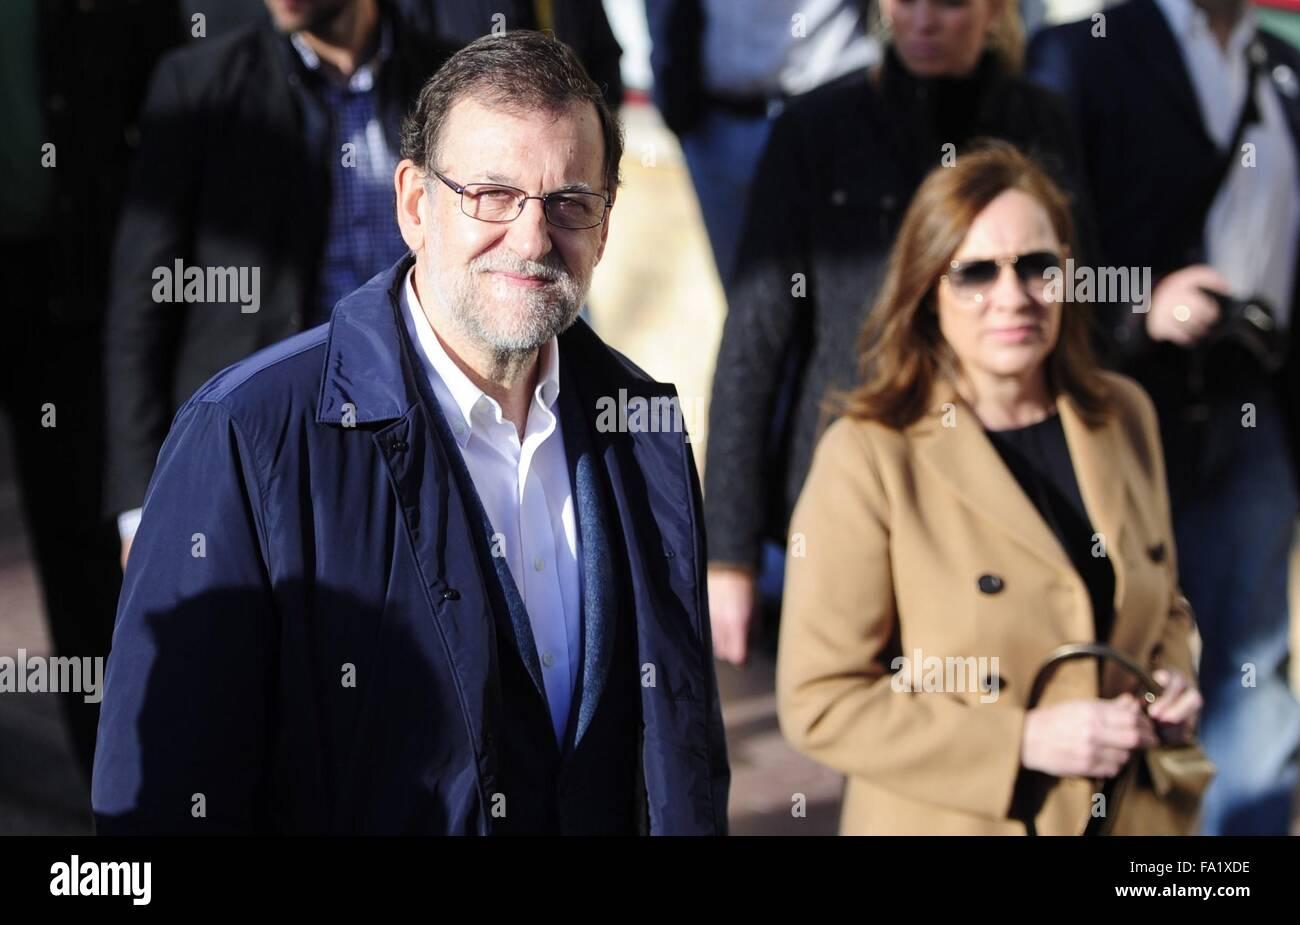 Madrid, Spagna. Xx Dec, 2015. Il Primo ministro spagnolo e leader del Partito popolare Mariano Rajoy arriva in corrispondenza Immagini Stock